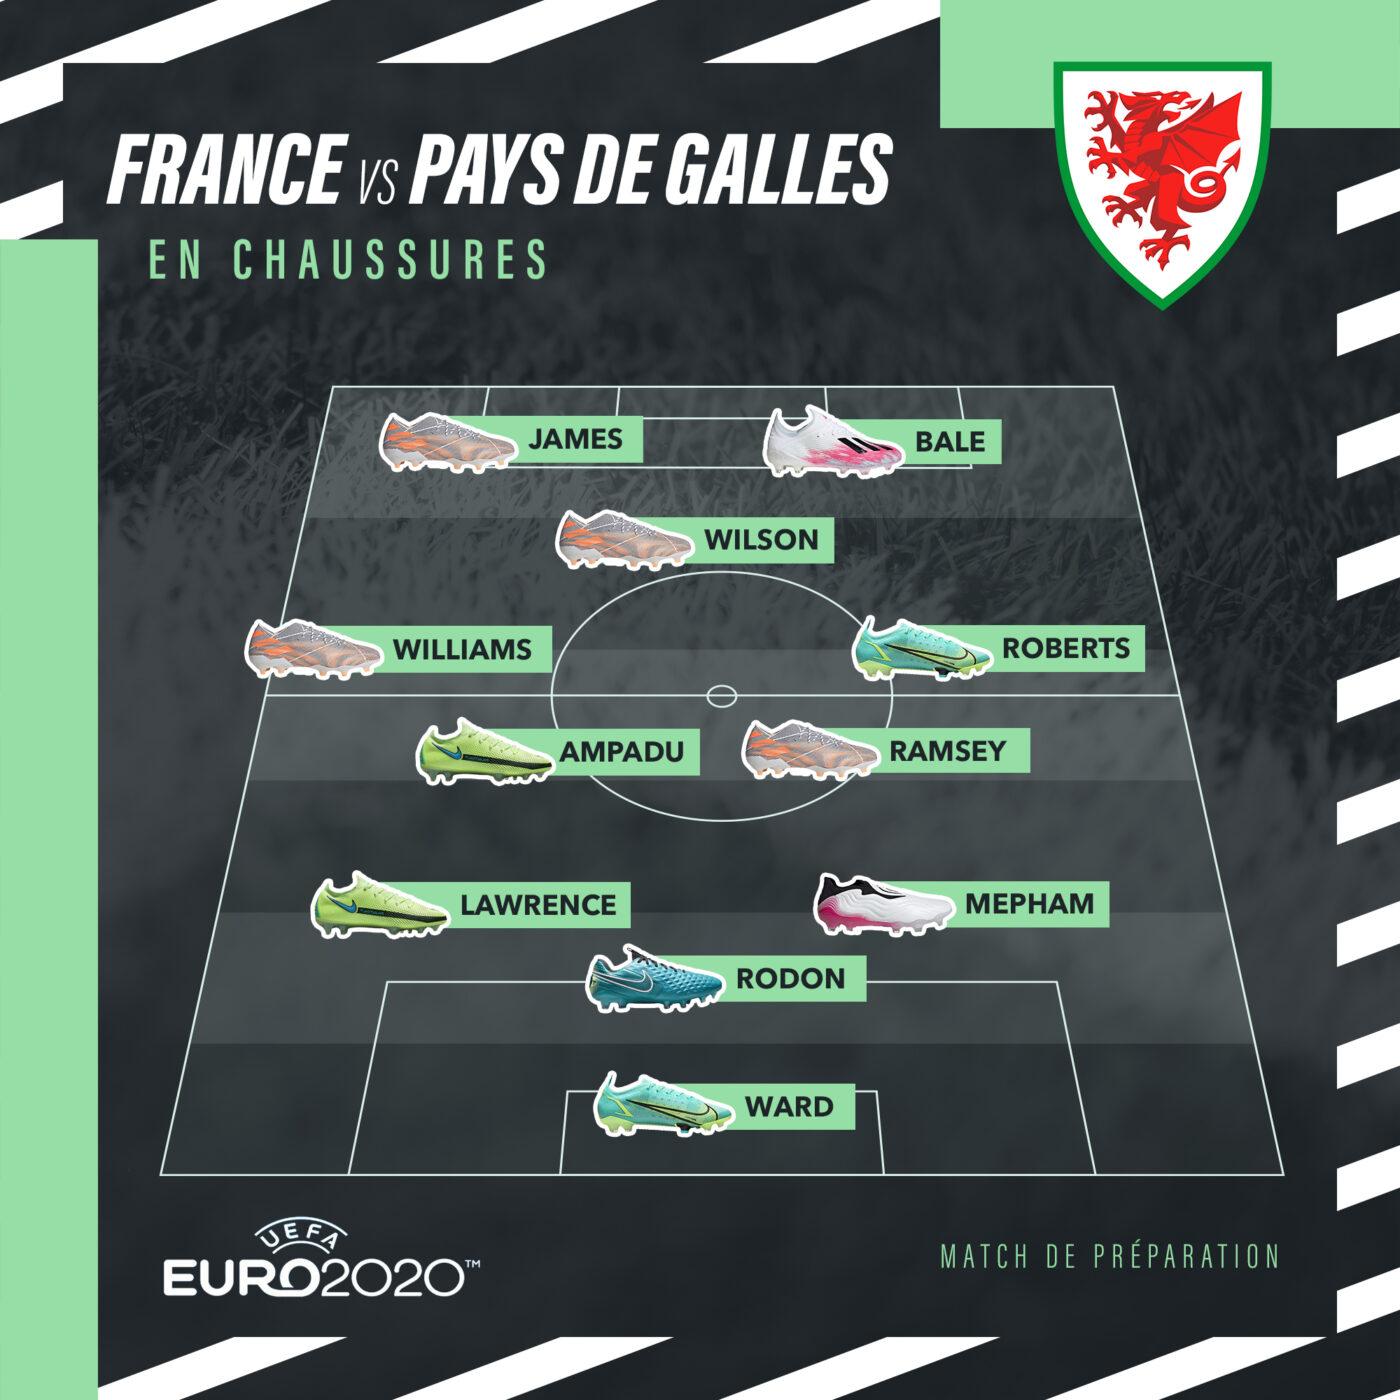 Compo France - Pays de Galles